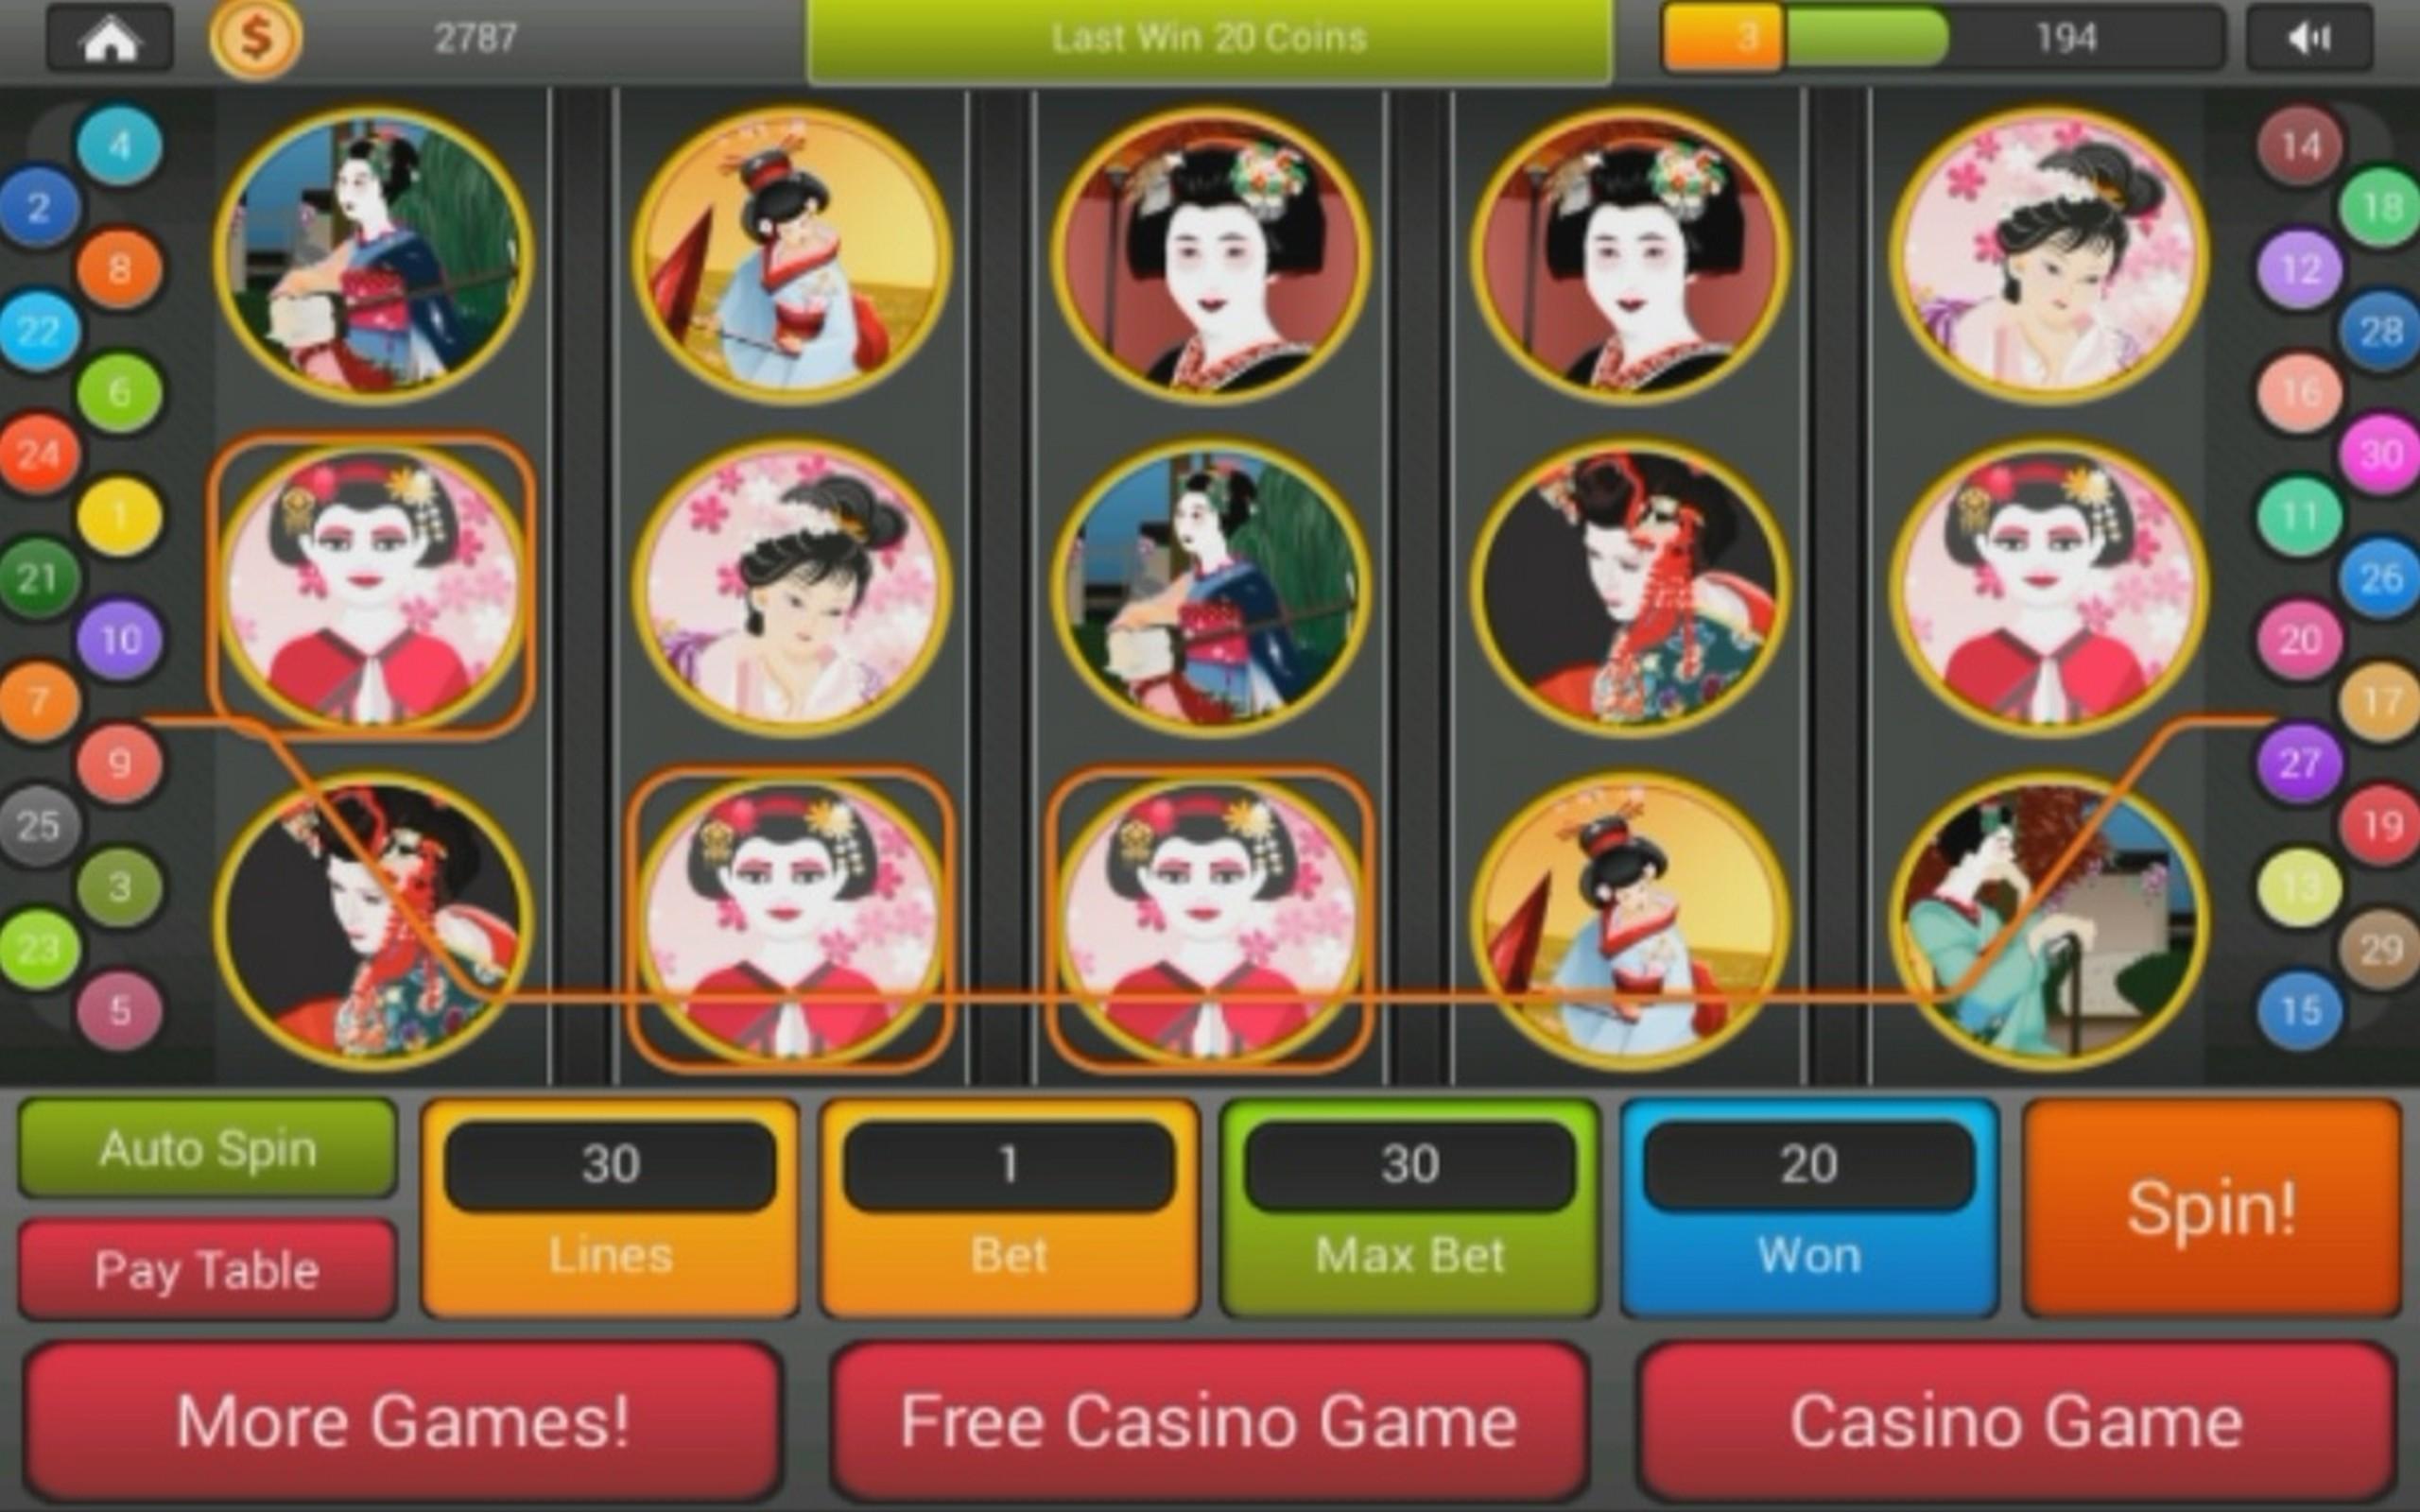 Jogos de casino gratis slot machines